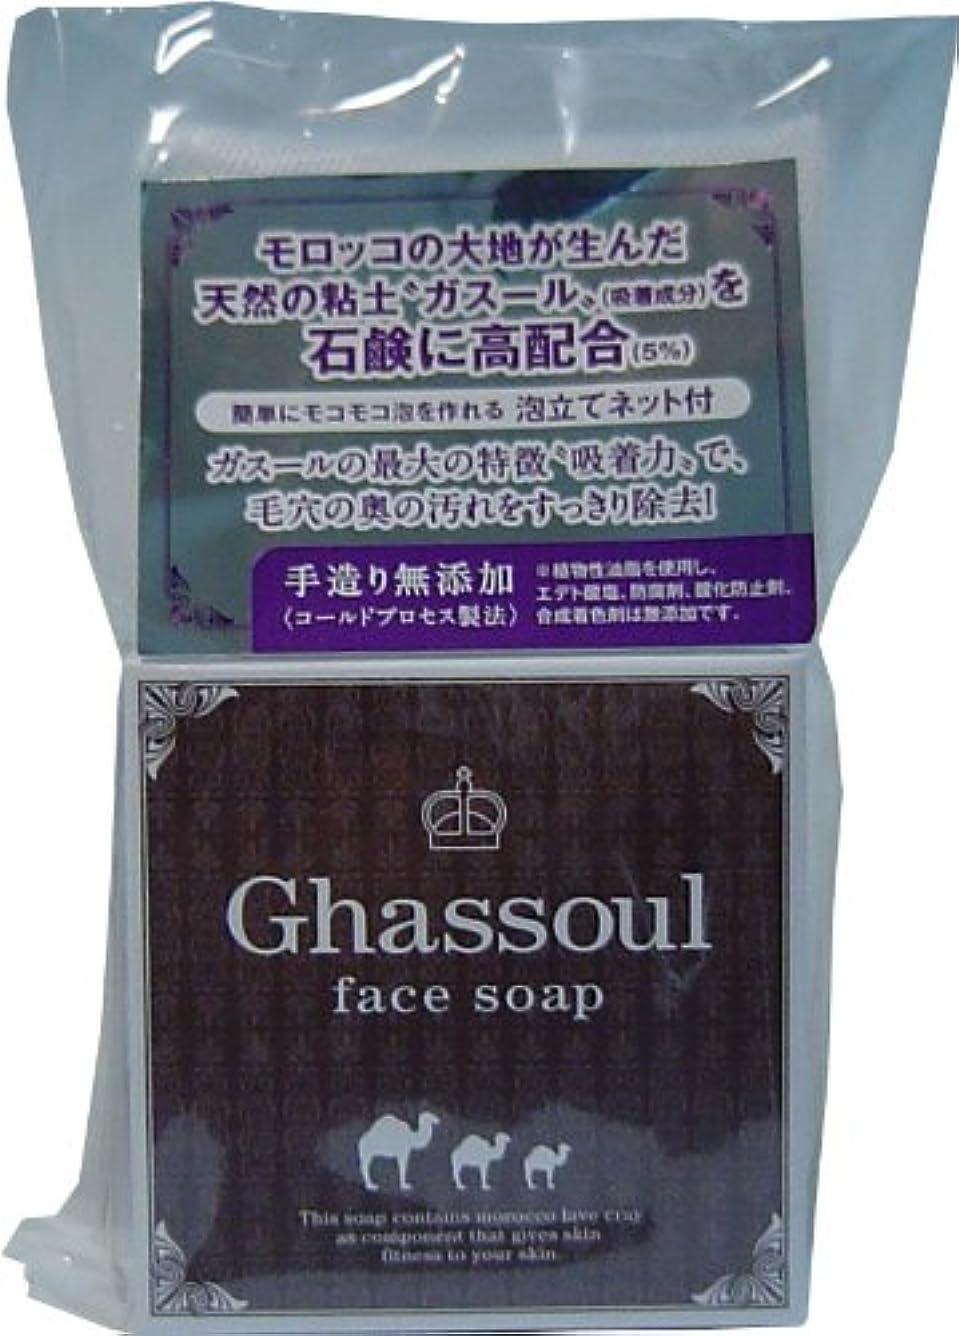 蜜所有権予測子Ghassoul face soap ガスールフェイスソープ 100g【2個セット】